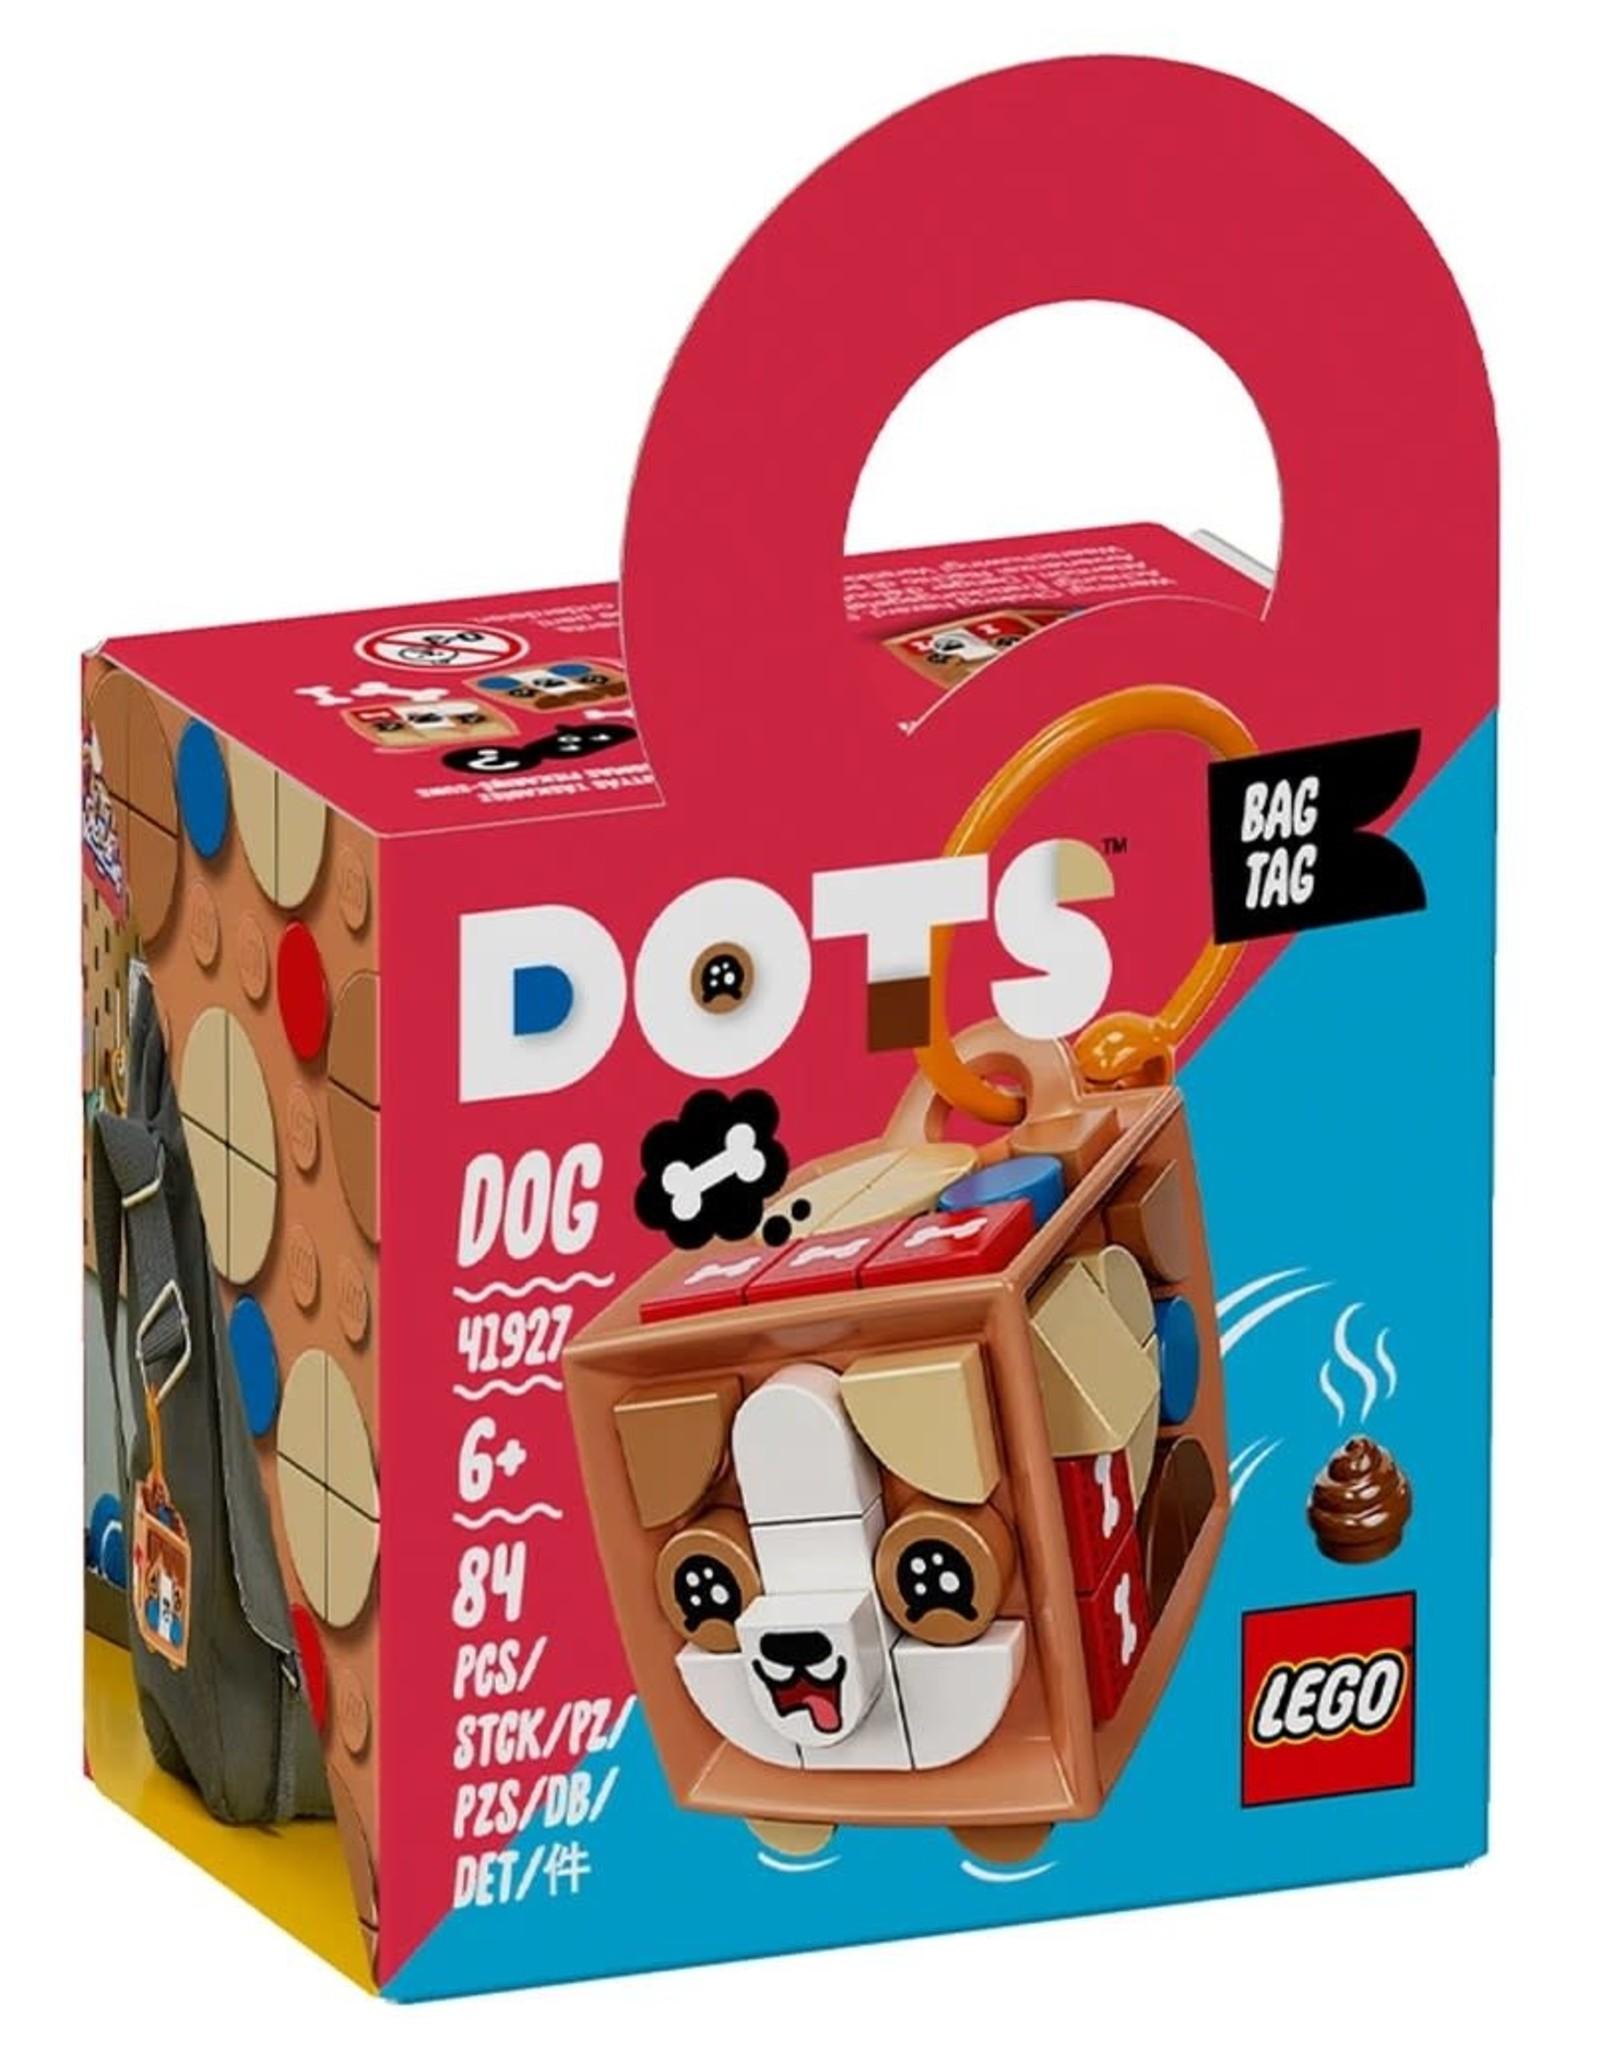 Lego LEGO DOTS: Bag Tag Dog